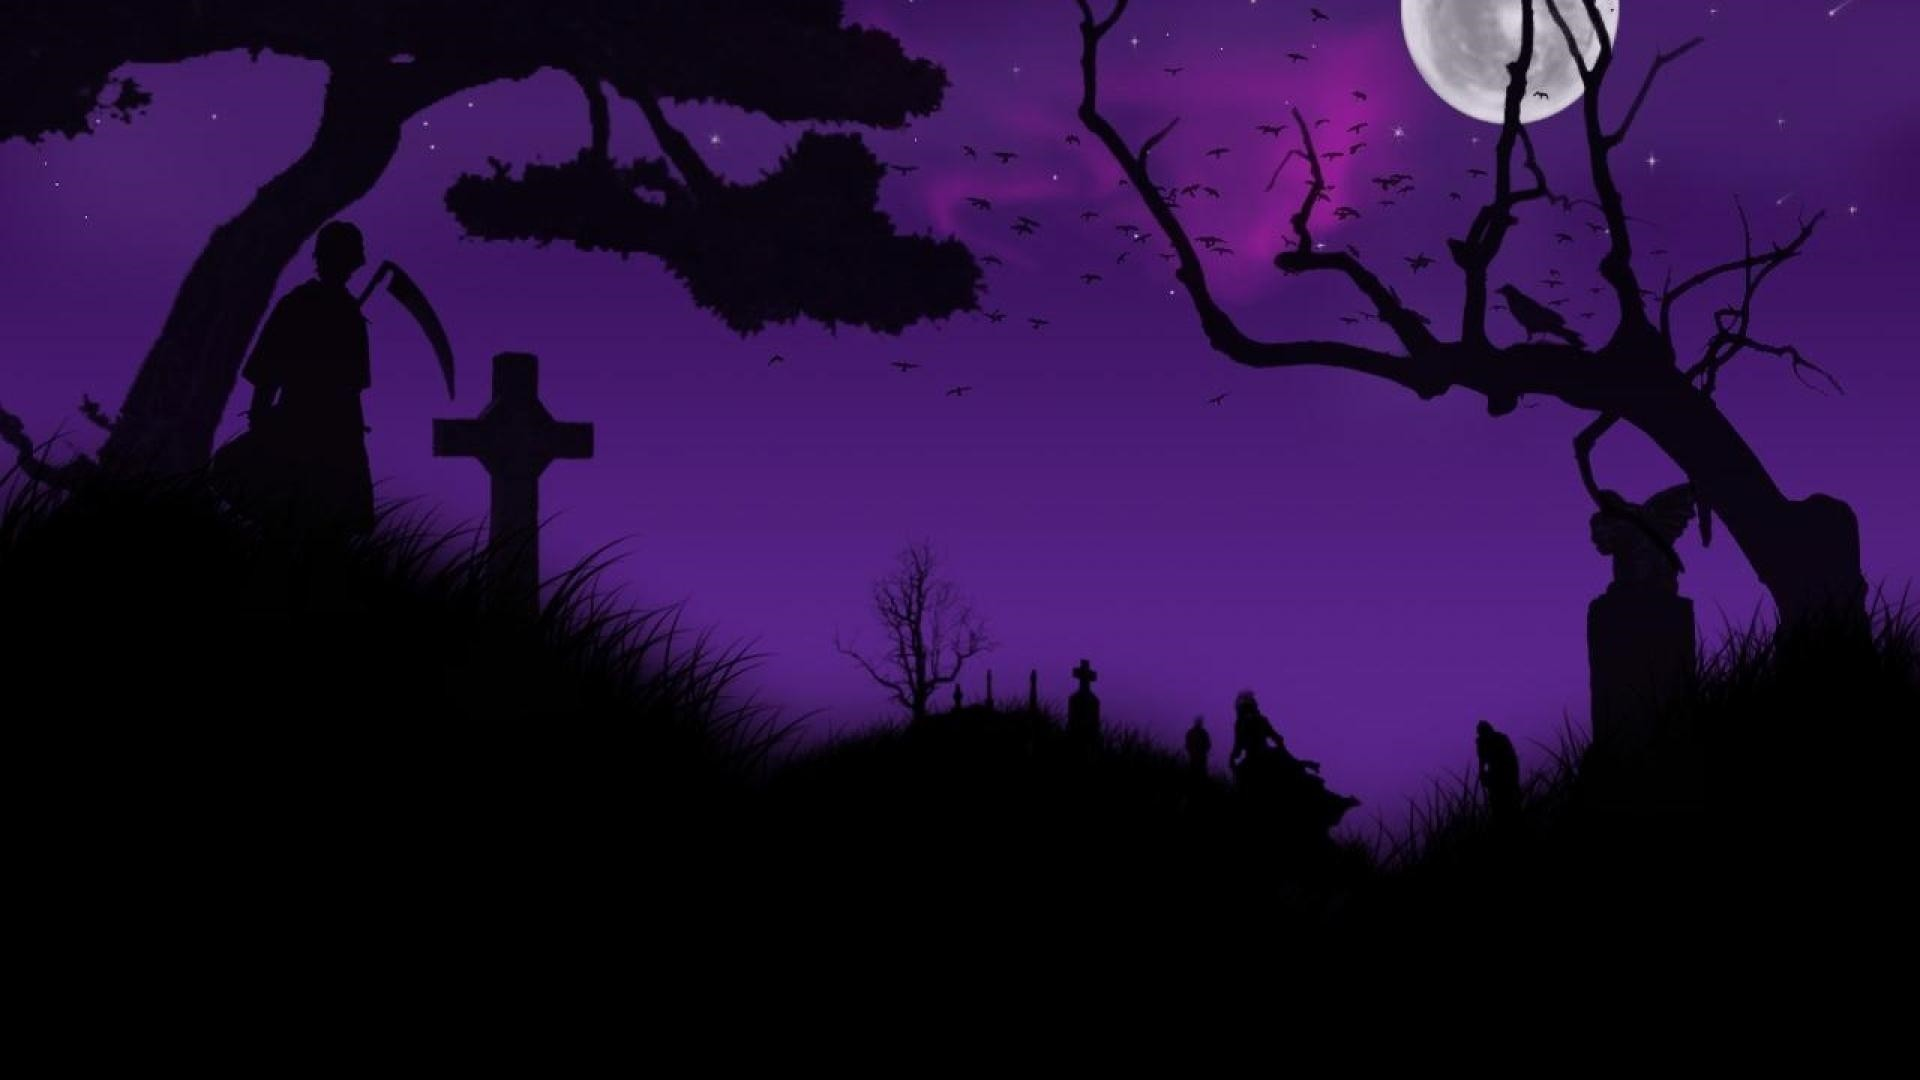 Spooky Vector a wallpaper